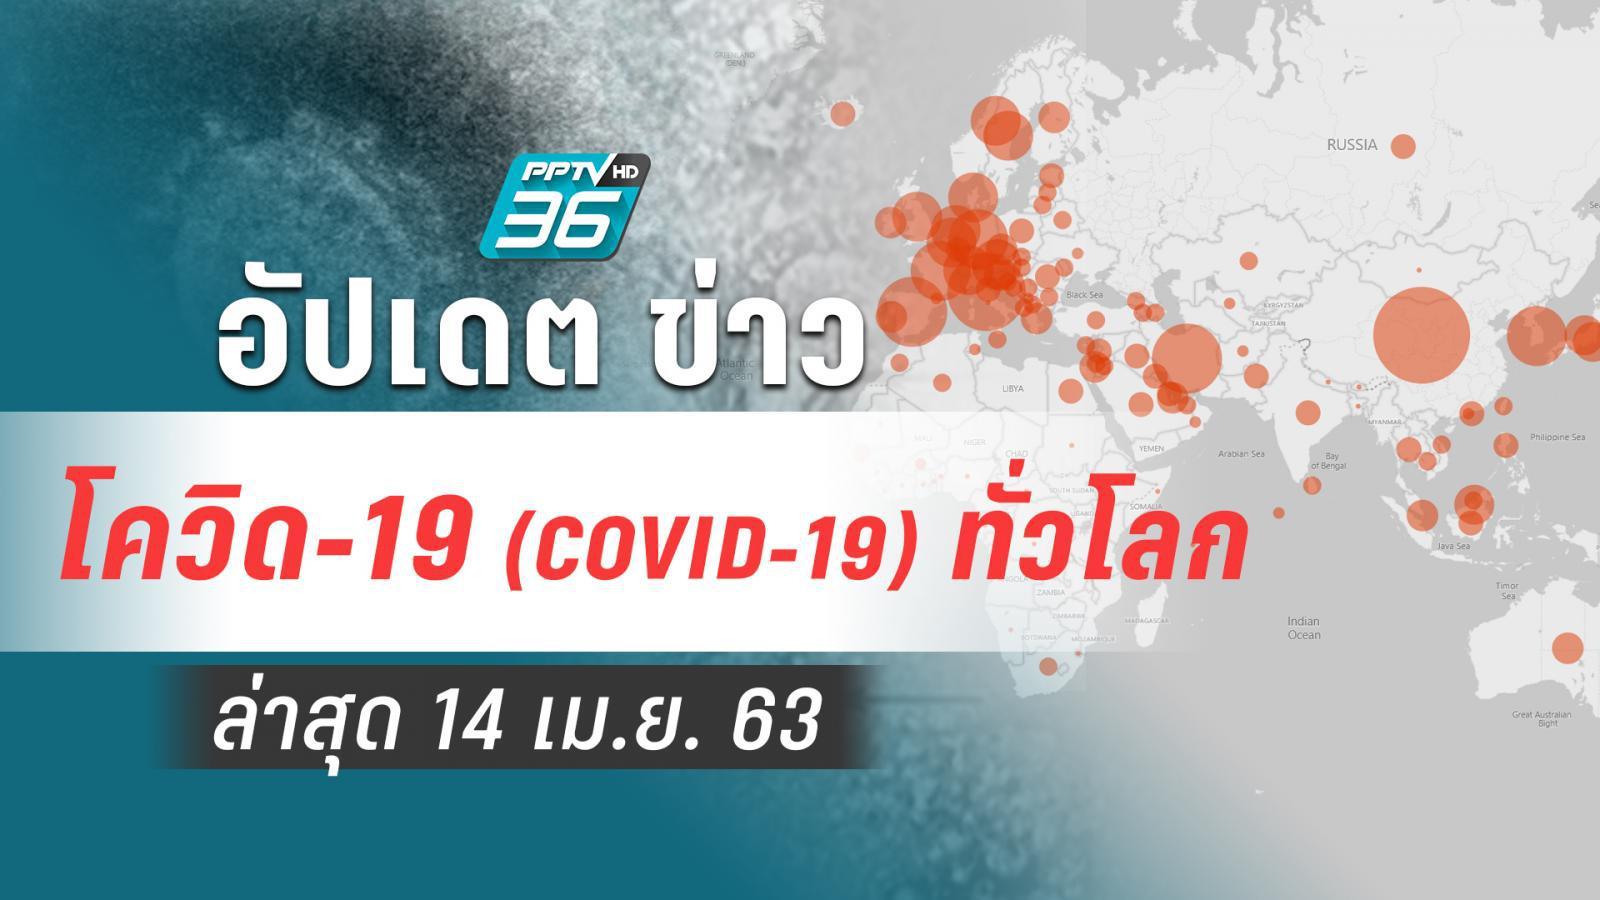 อัปเดตข่าว สถานการณ์ โควิด-19 ทั่วโลก ล่าสุด 14 เม.ย. 63